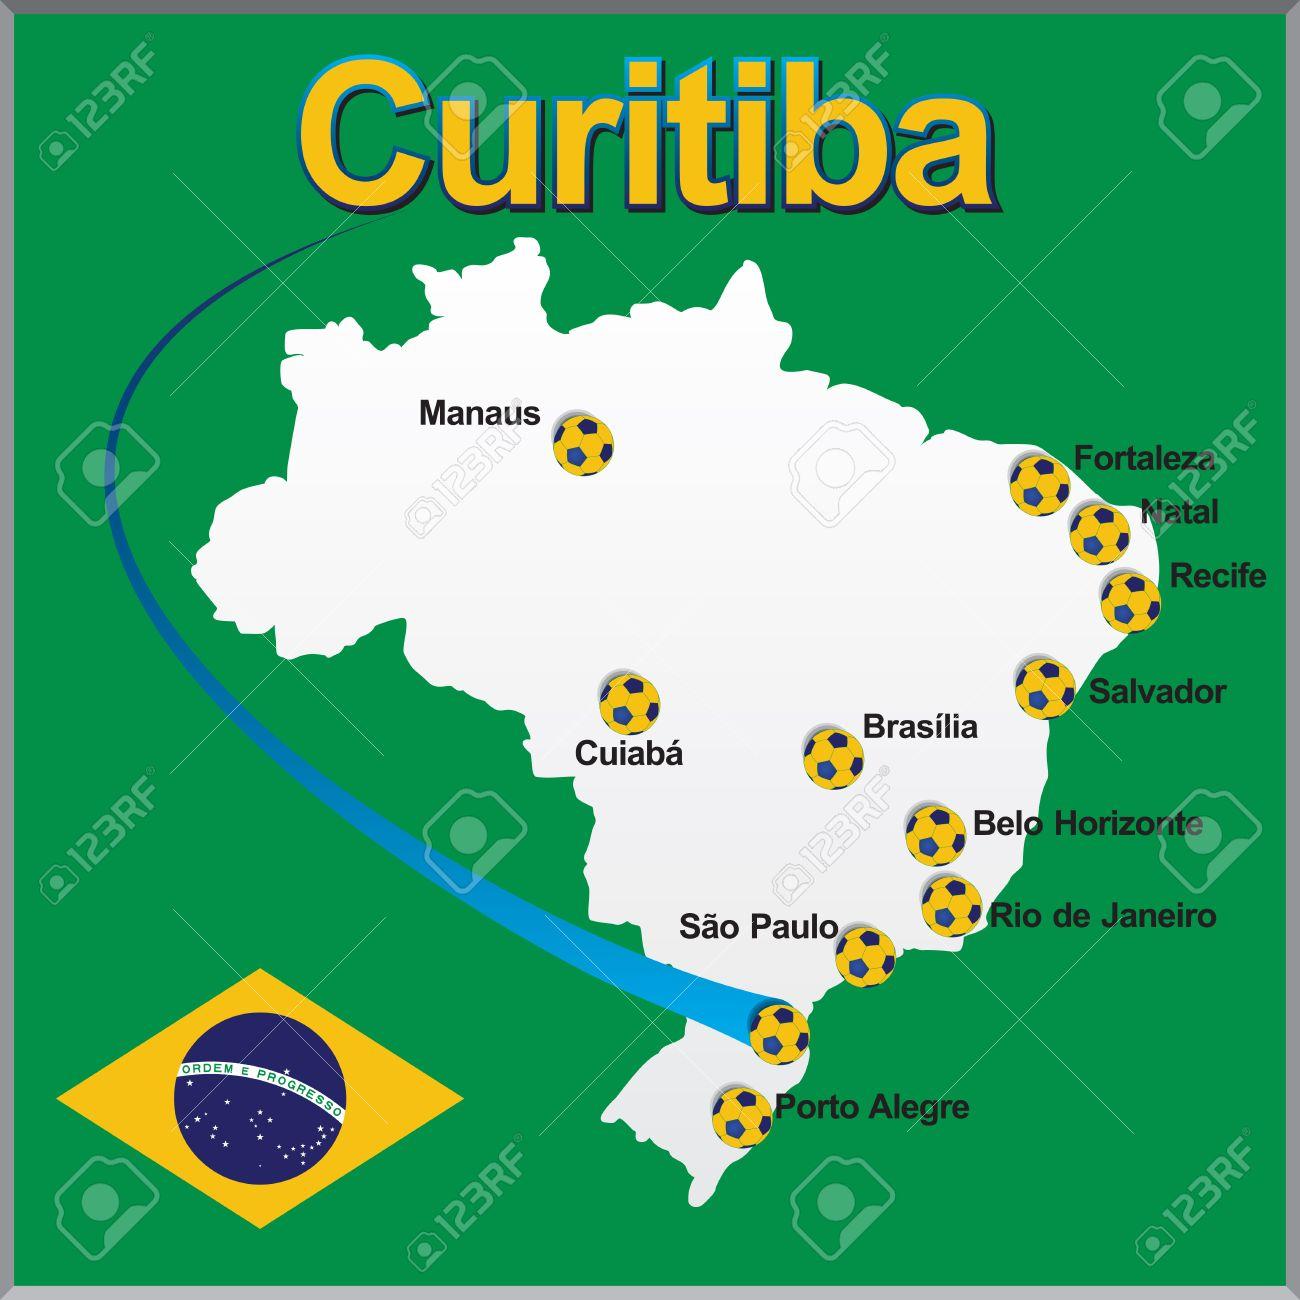 curitiba brasilien karte Curitiba   Brasilien Karte Fußball Lizenzfrei Nutzbare